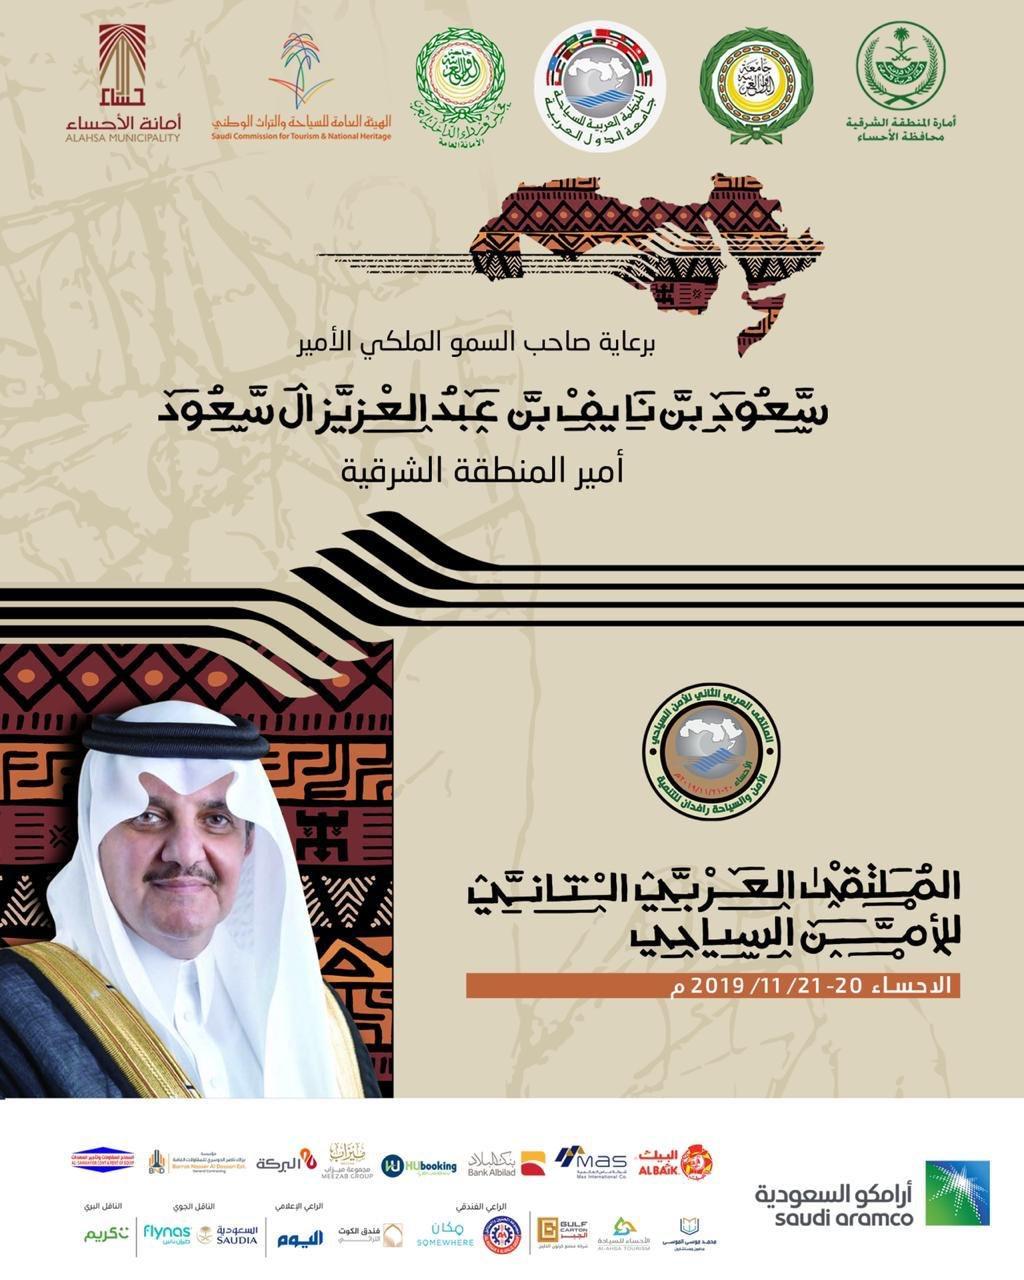 الملتقى العربي الثاني لإمن السياحي